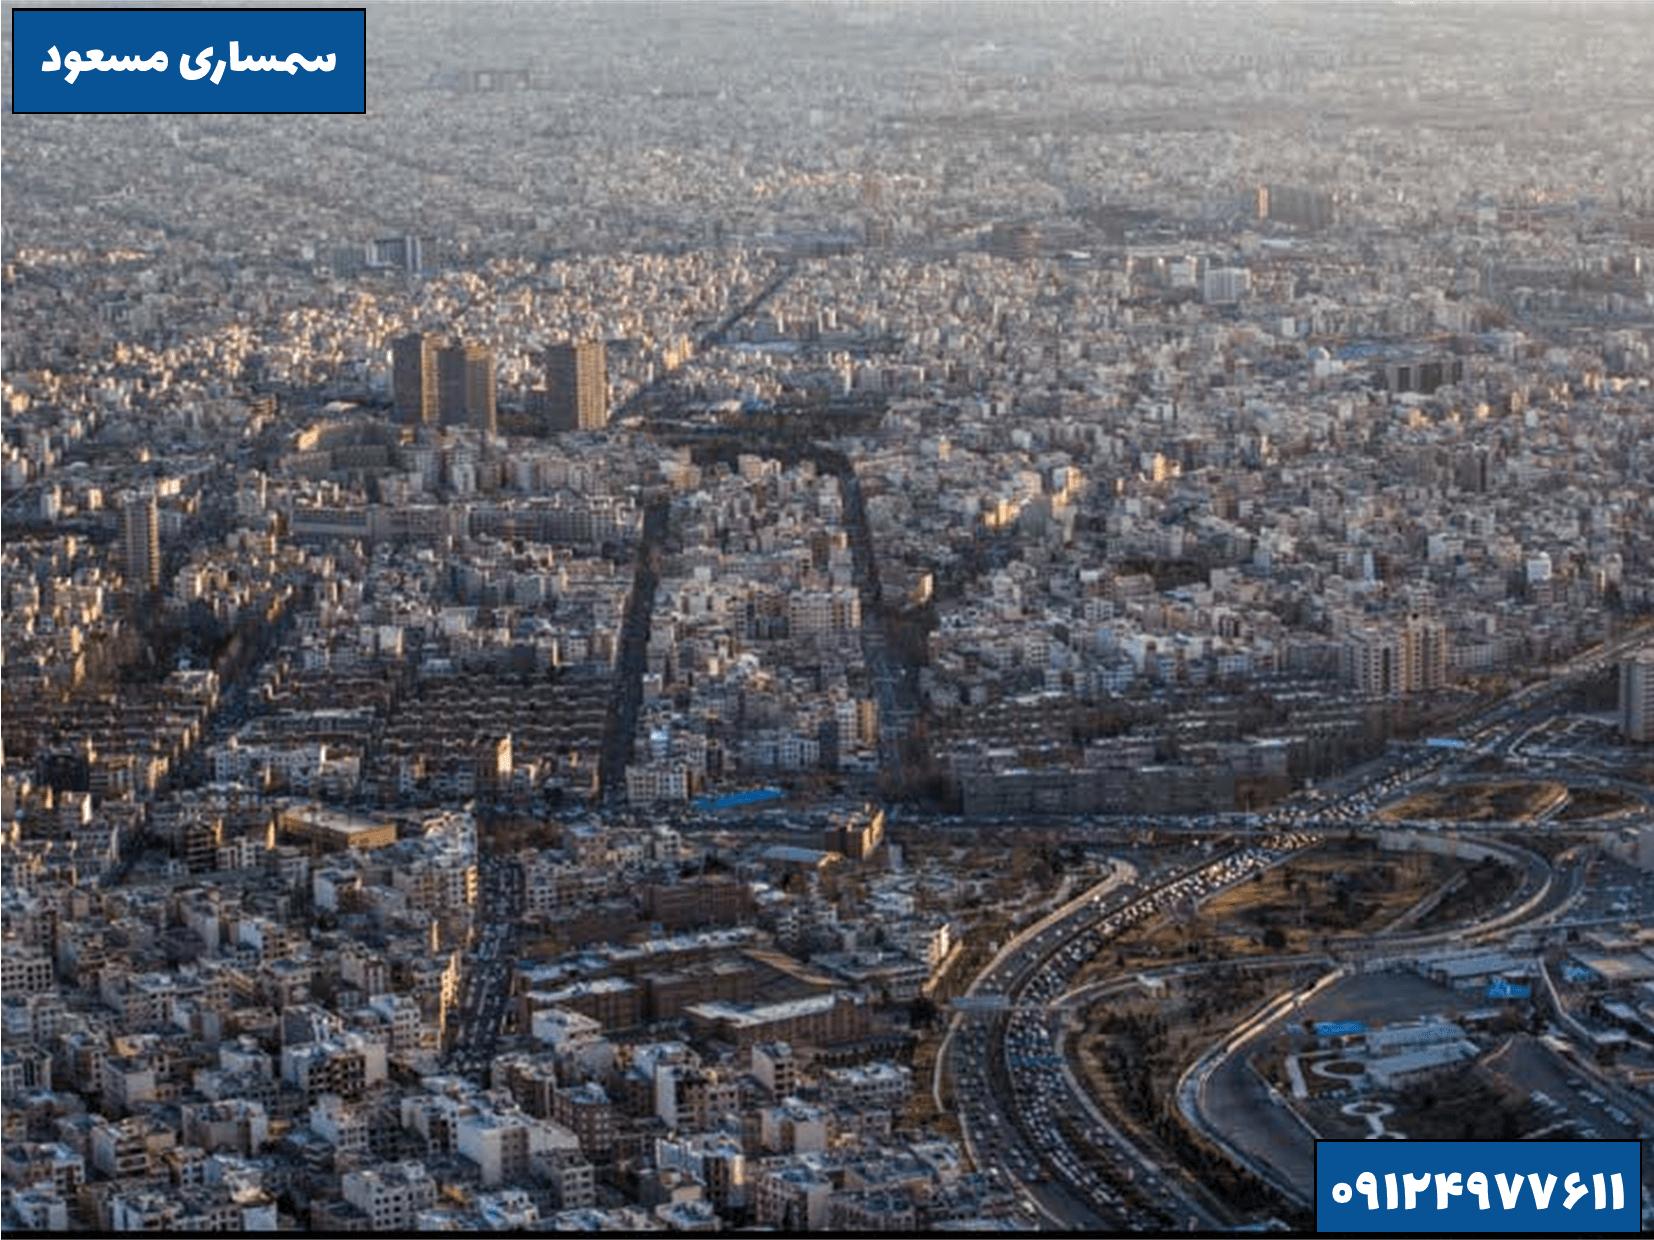 سمساری در شرق تهران